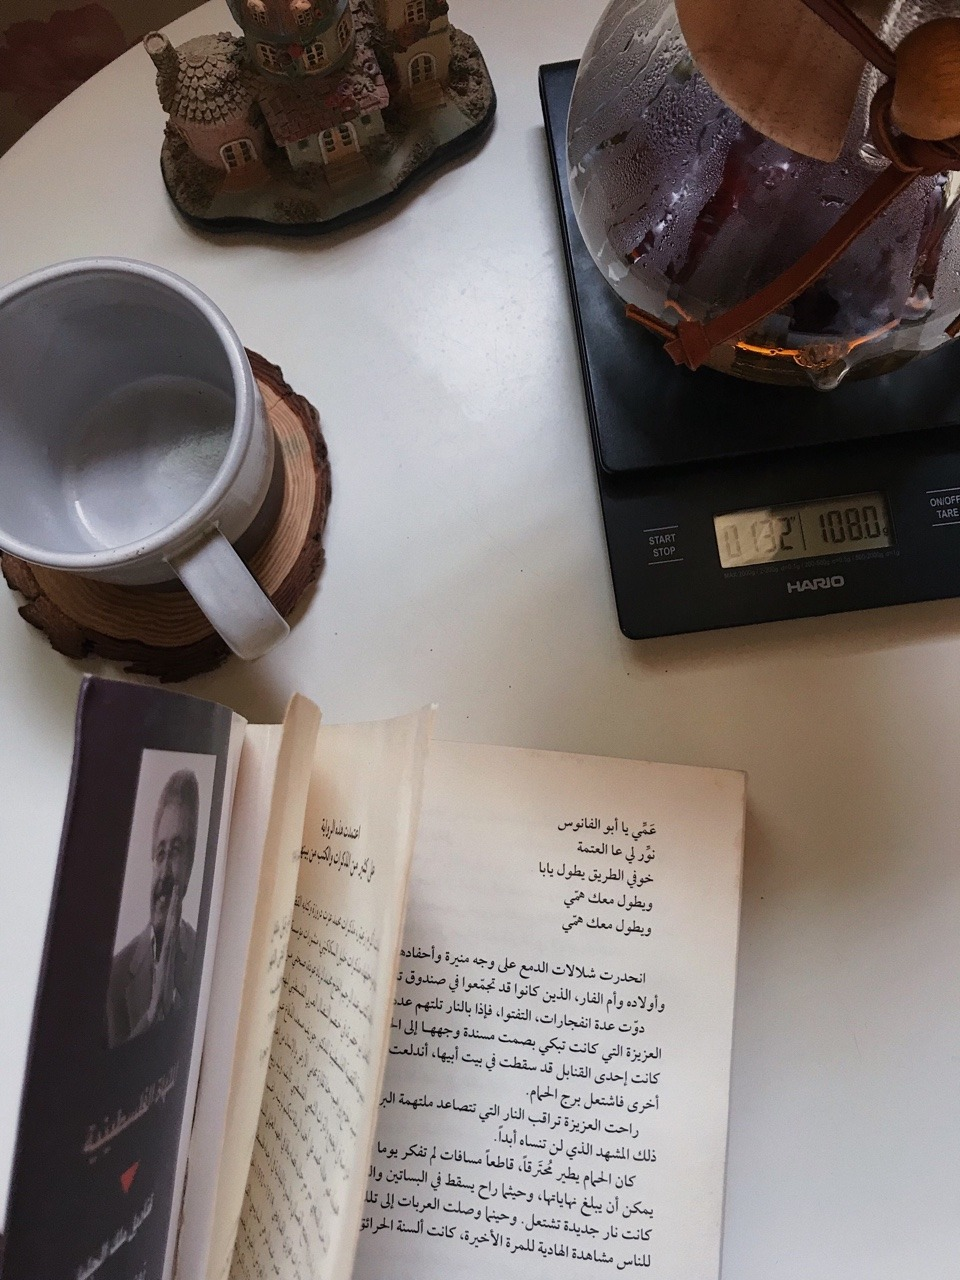 زمن الخيول البيضاء ابراهيم نصر الله pdf